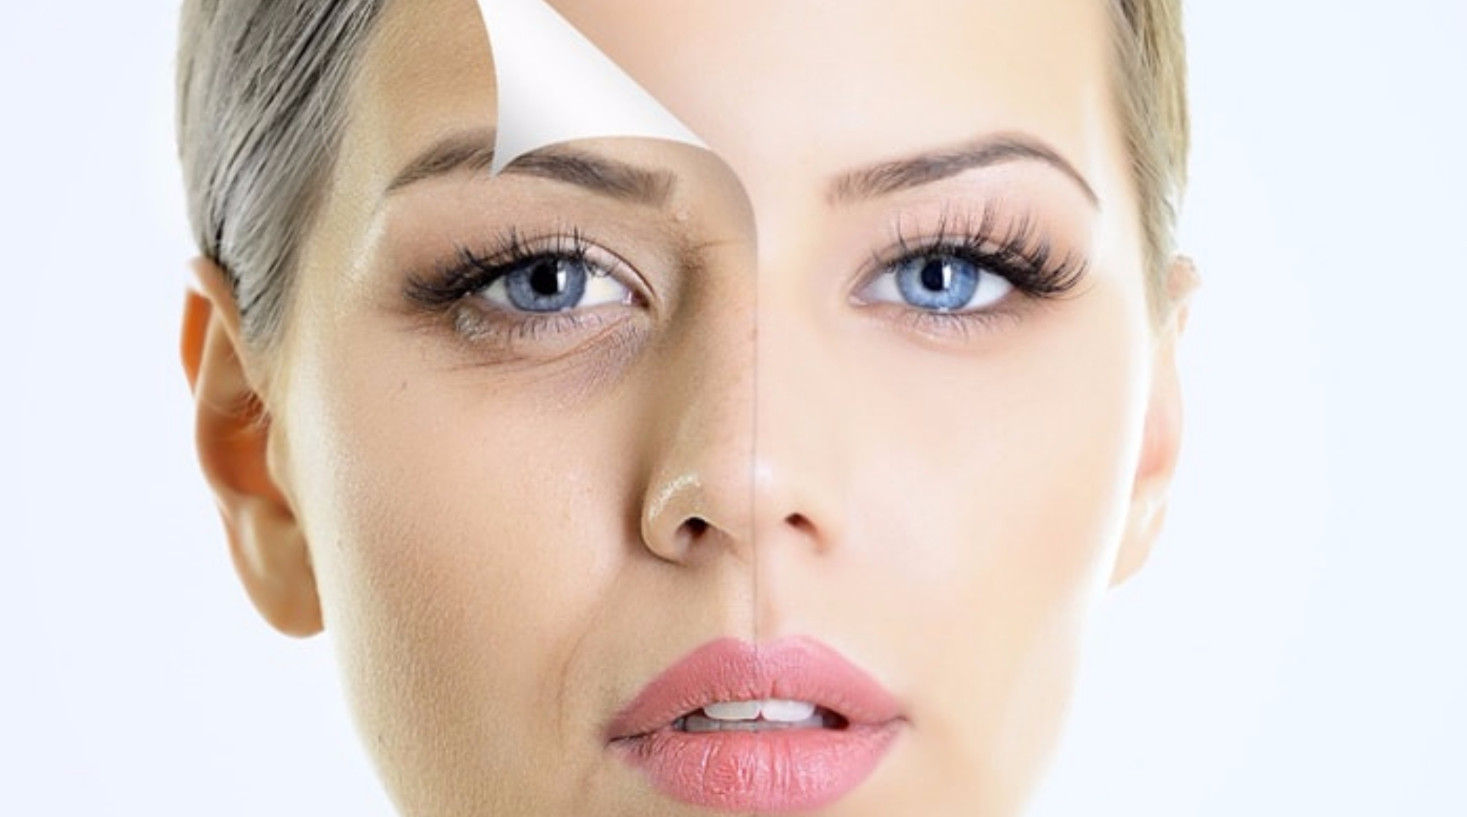 В своих отзывах женщины рассказывают, что старая и потускневшая кожа заменяется новой, подобно превращению на фото, демонстрирующем эффект до и после процедуры